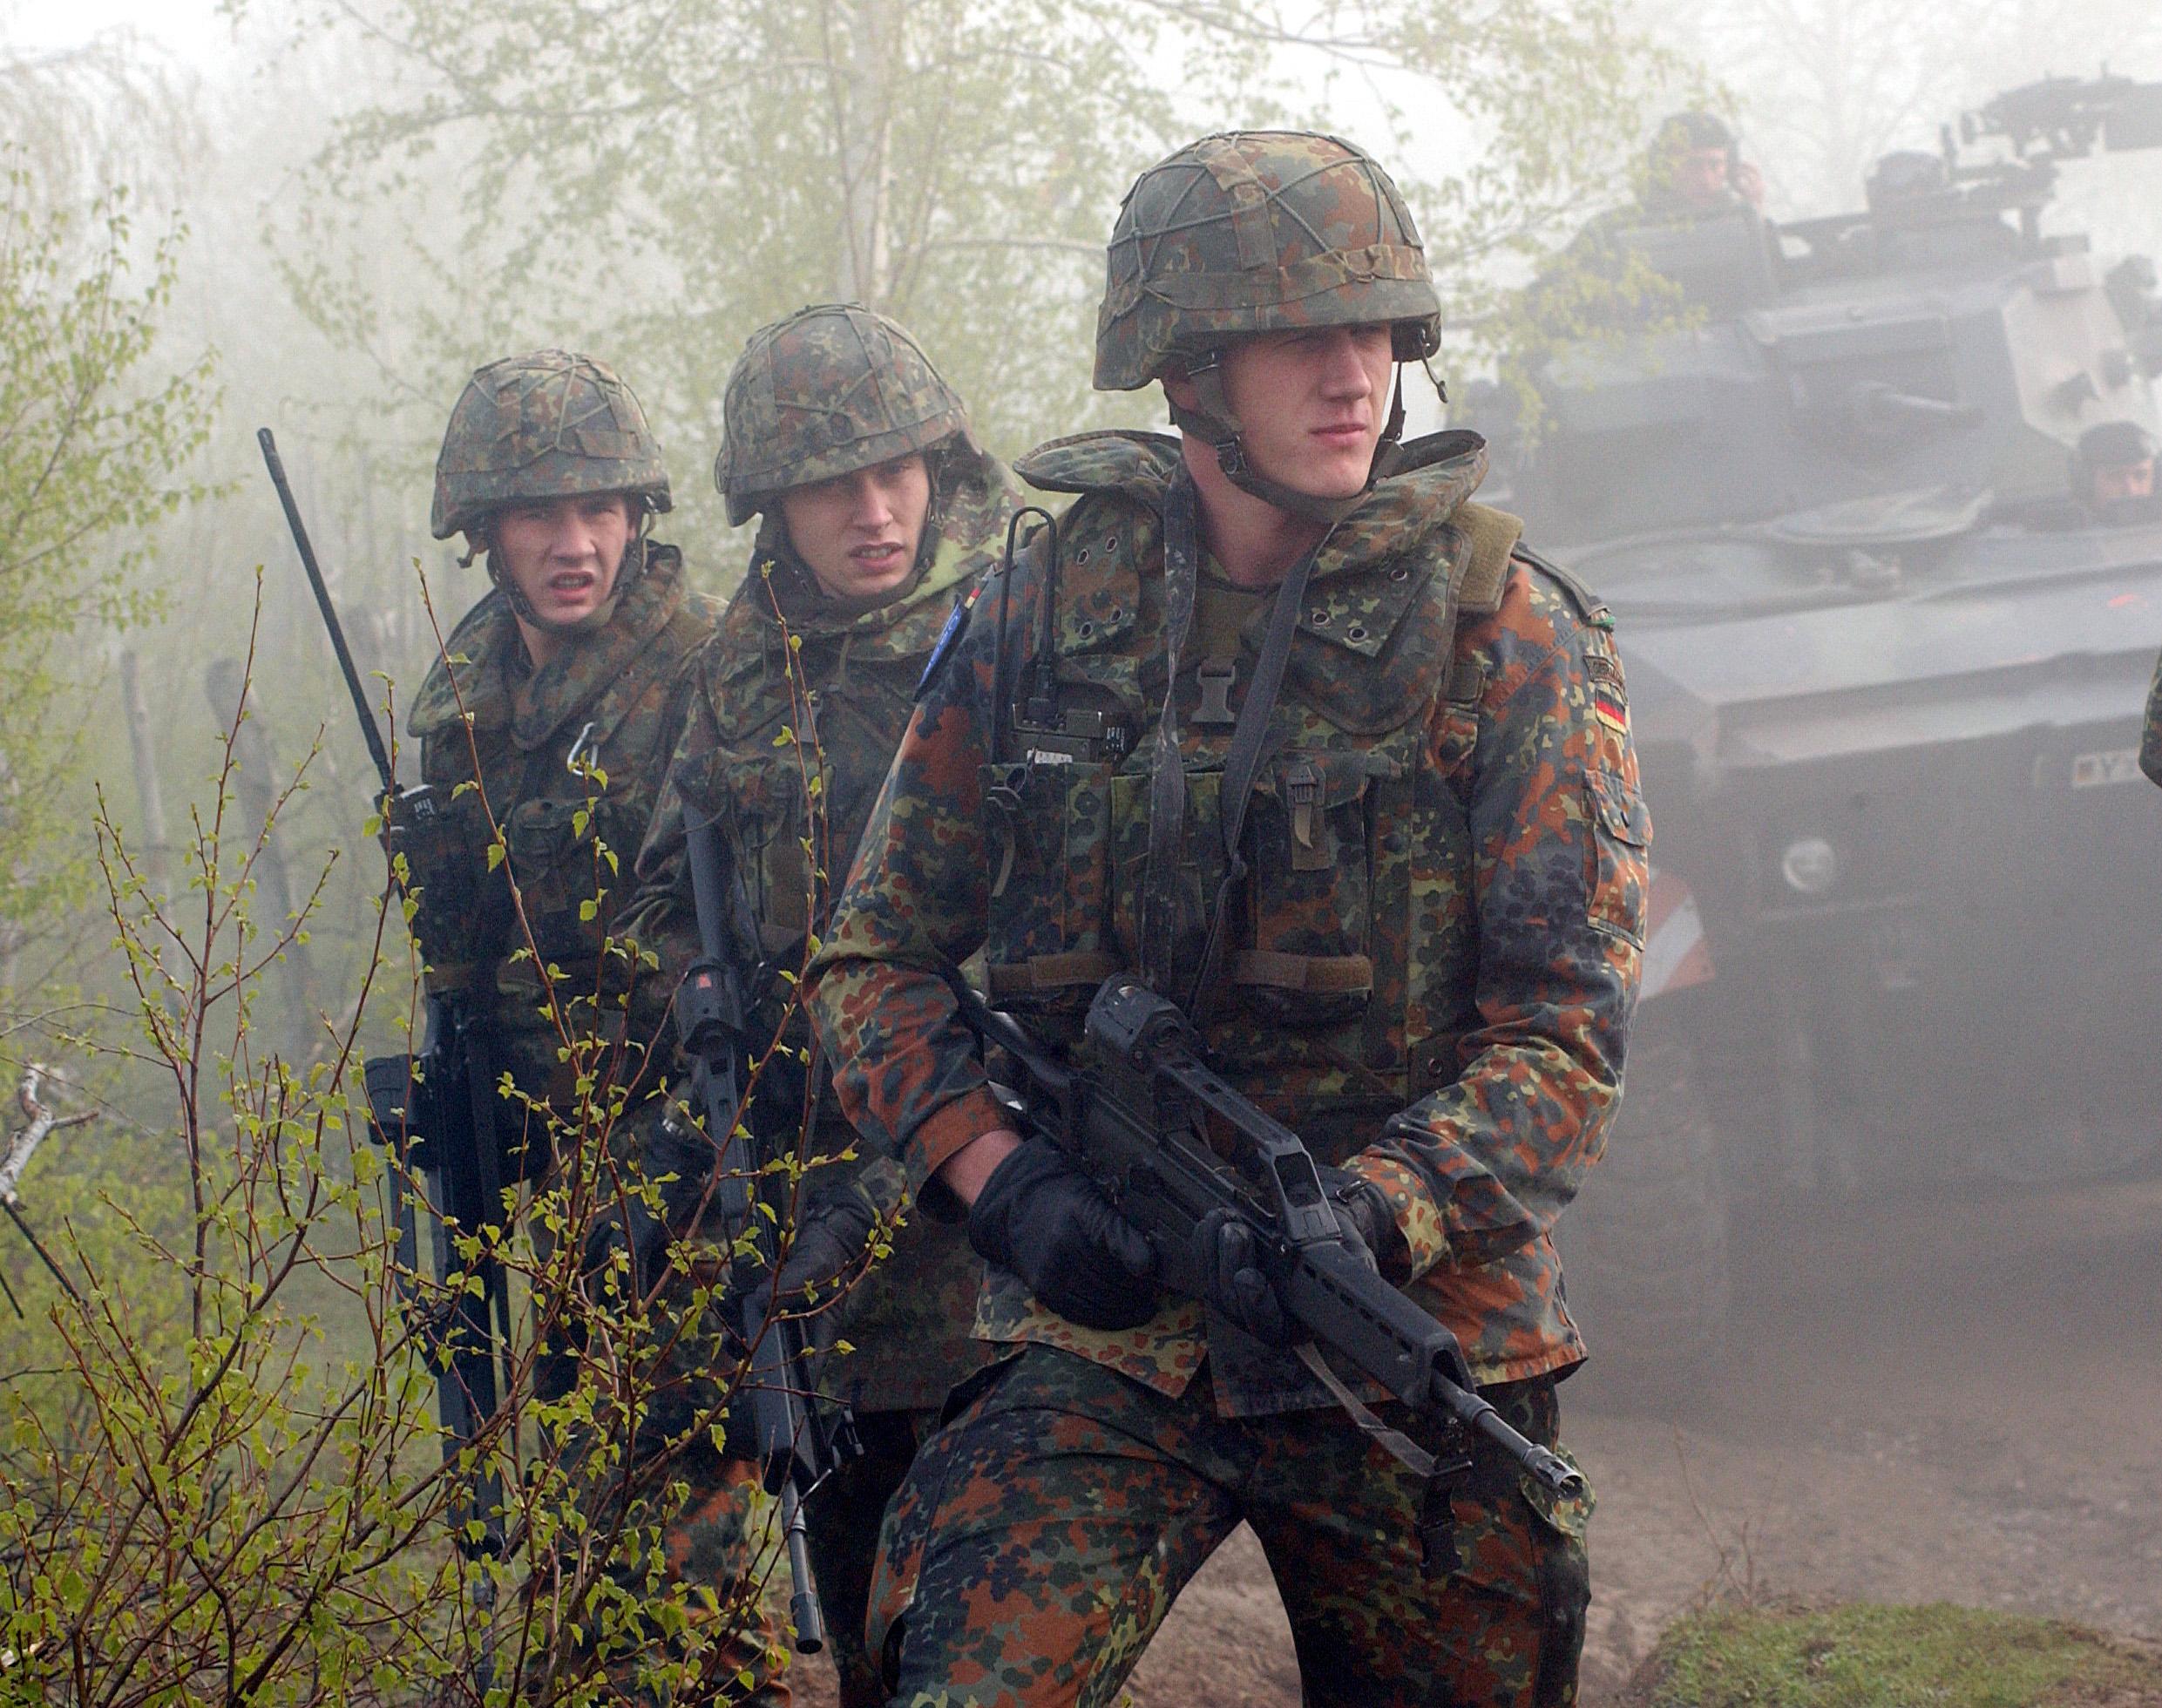 Солдат и член в лесу 4 фотография